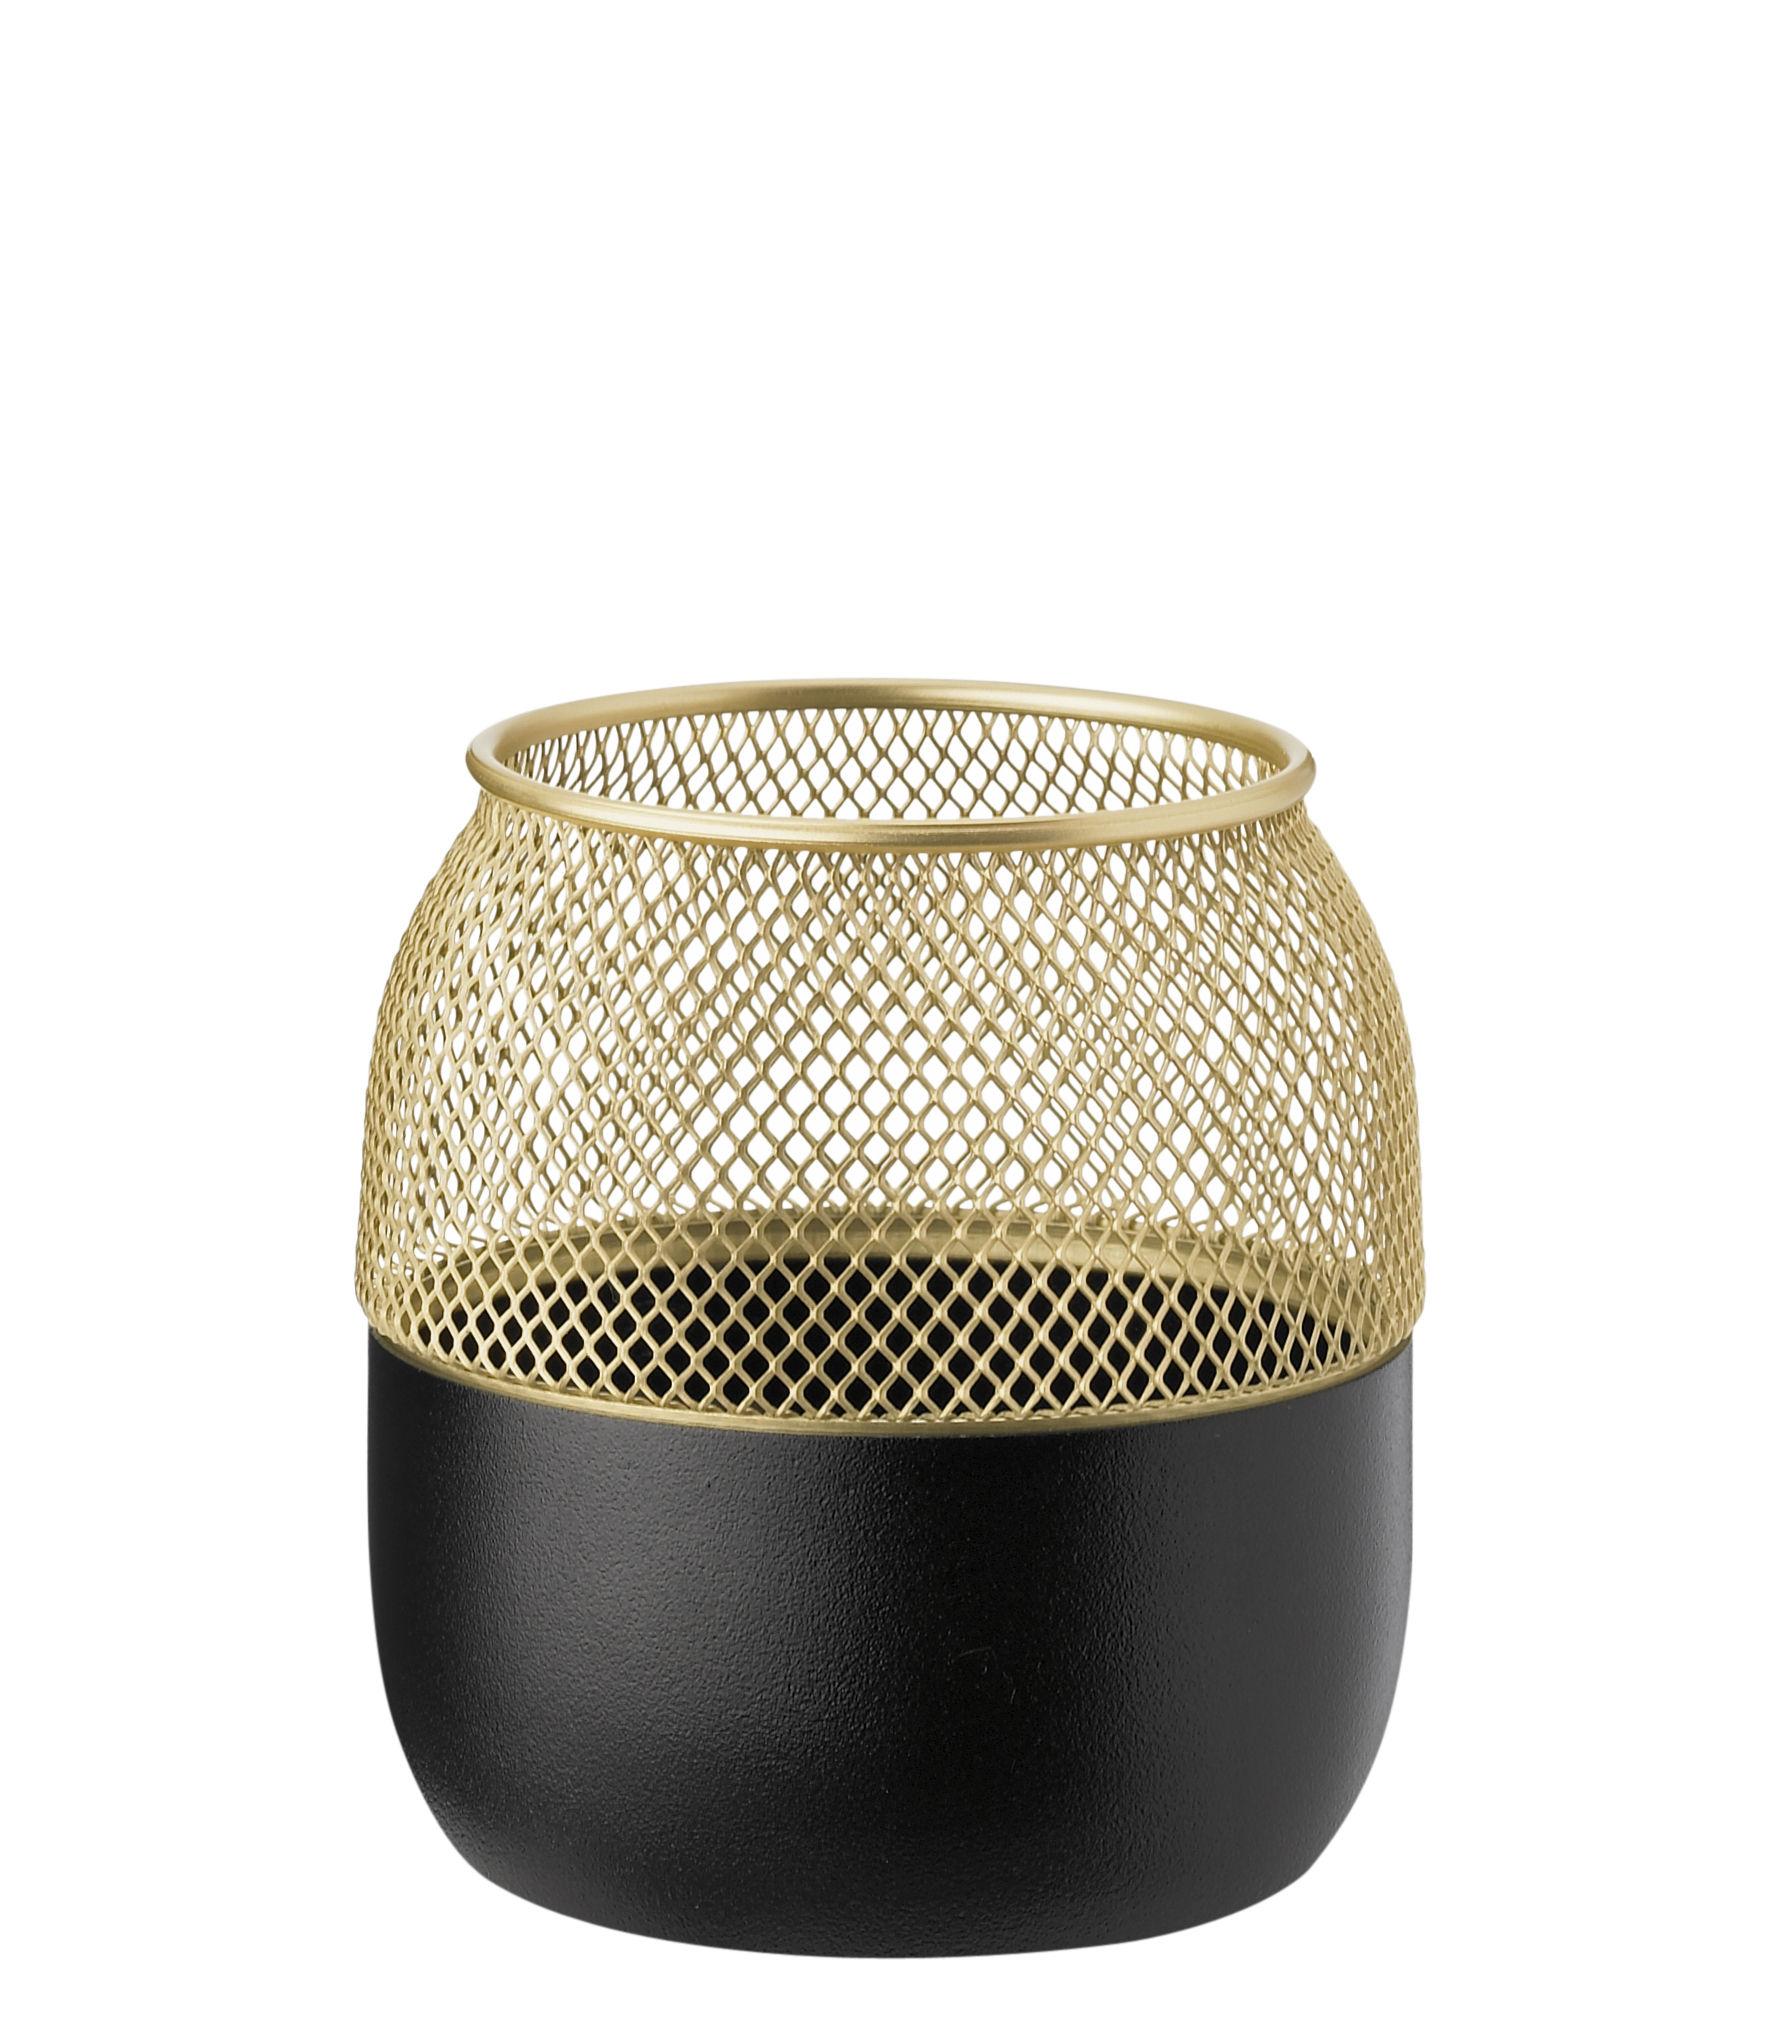 Déco - Bougeoirs, photophores - Photophore Collar / Small - Stelton - Small / Noir mat & Laiton - Acier inoxydable revêtu de laiton, Acier inoxydable revêtu de Téflon®